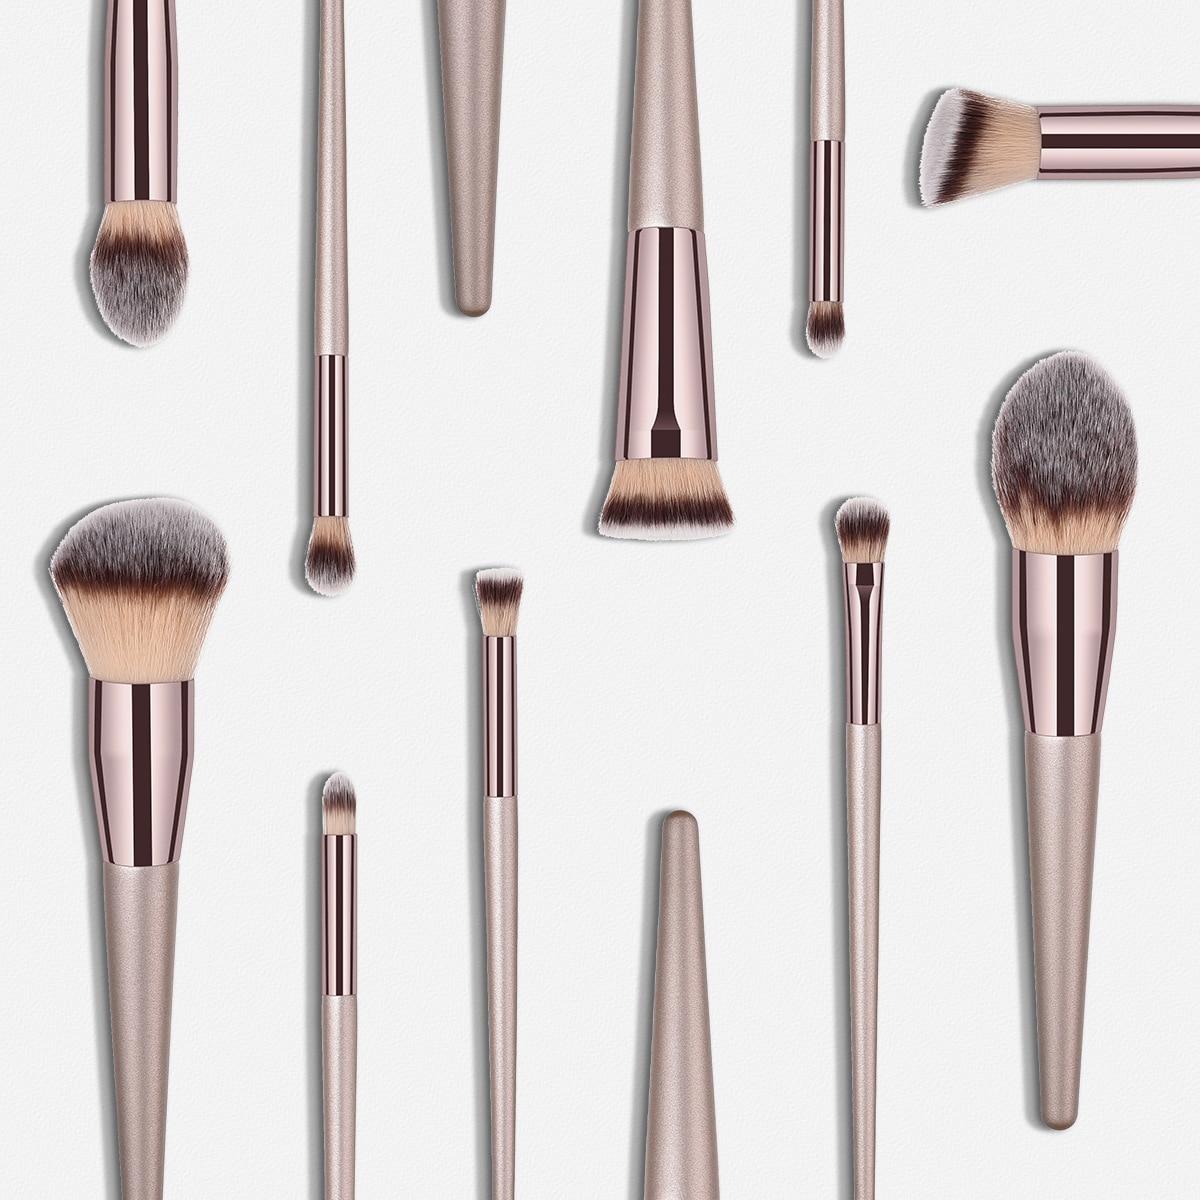 14/10/9/4pcs Makeup Brushes Set Powder EyeShadow Blending Eyeliner Eyelash Lip Portable Brush Set Make up pinceis de maquiagem